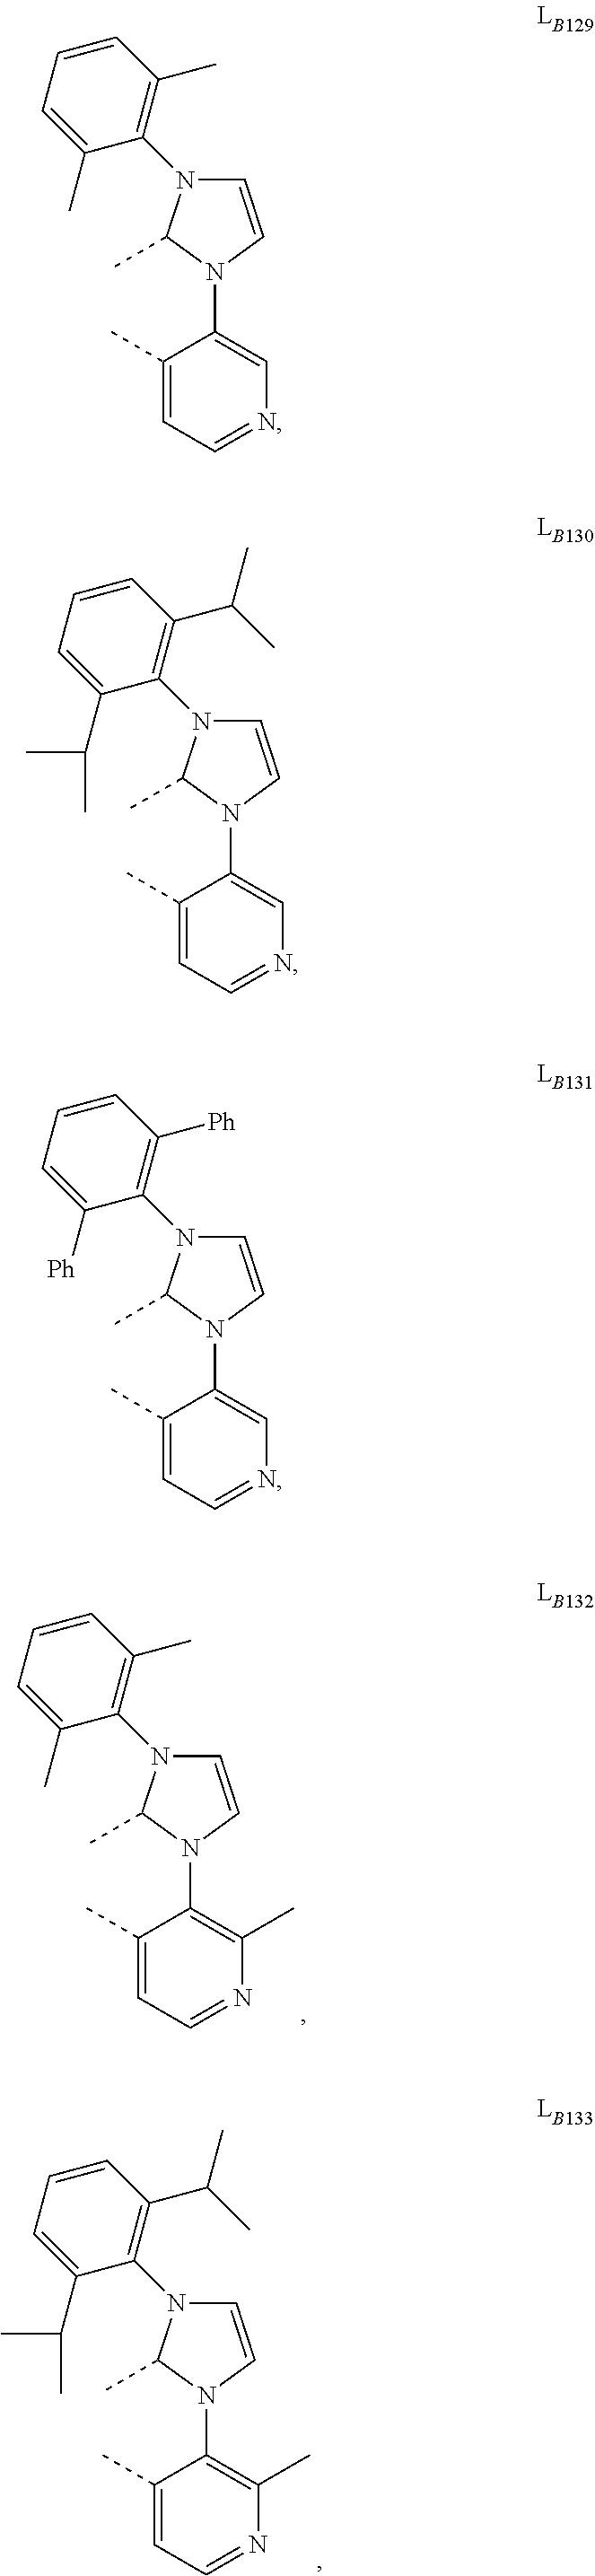 Figure US09905785-20180227-C00586